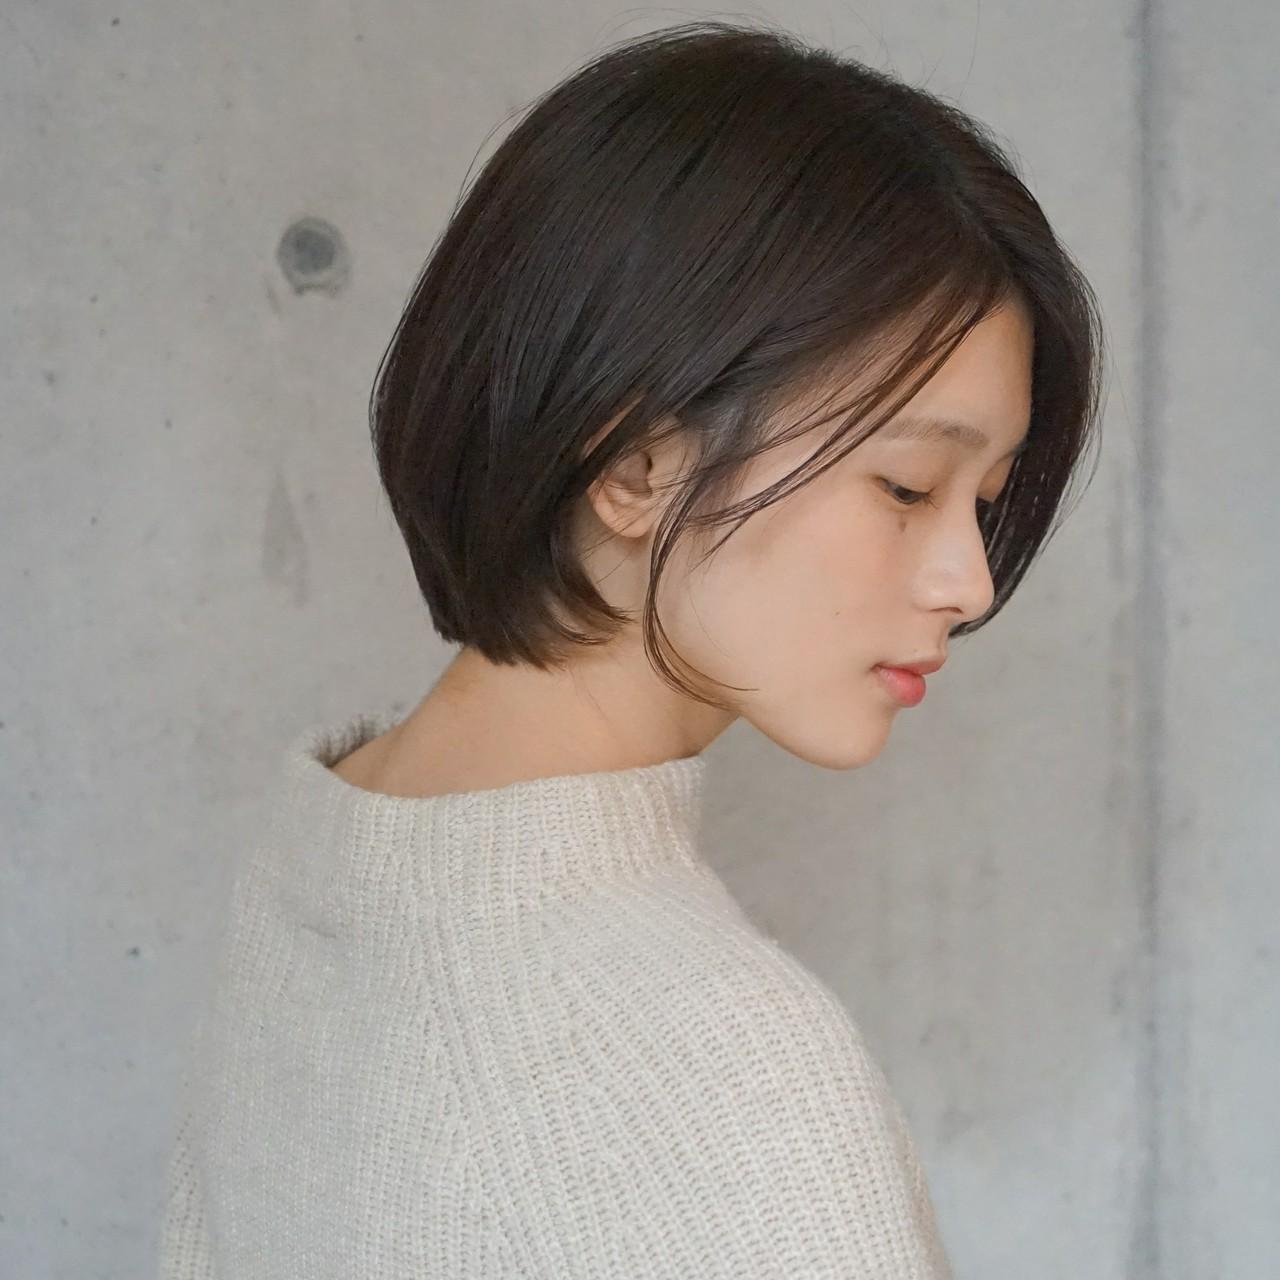 小顔 ショートボブ ショート 透明感 ヘアスタイルや髪型の写真・画像 | タカハシ アヤミ / trail by ROVER